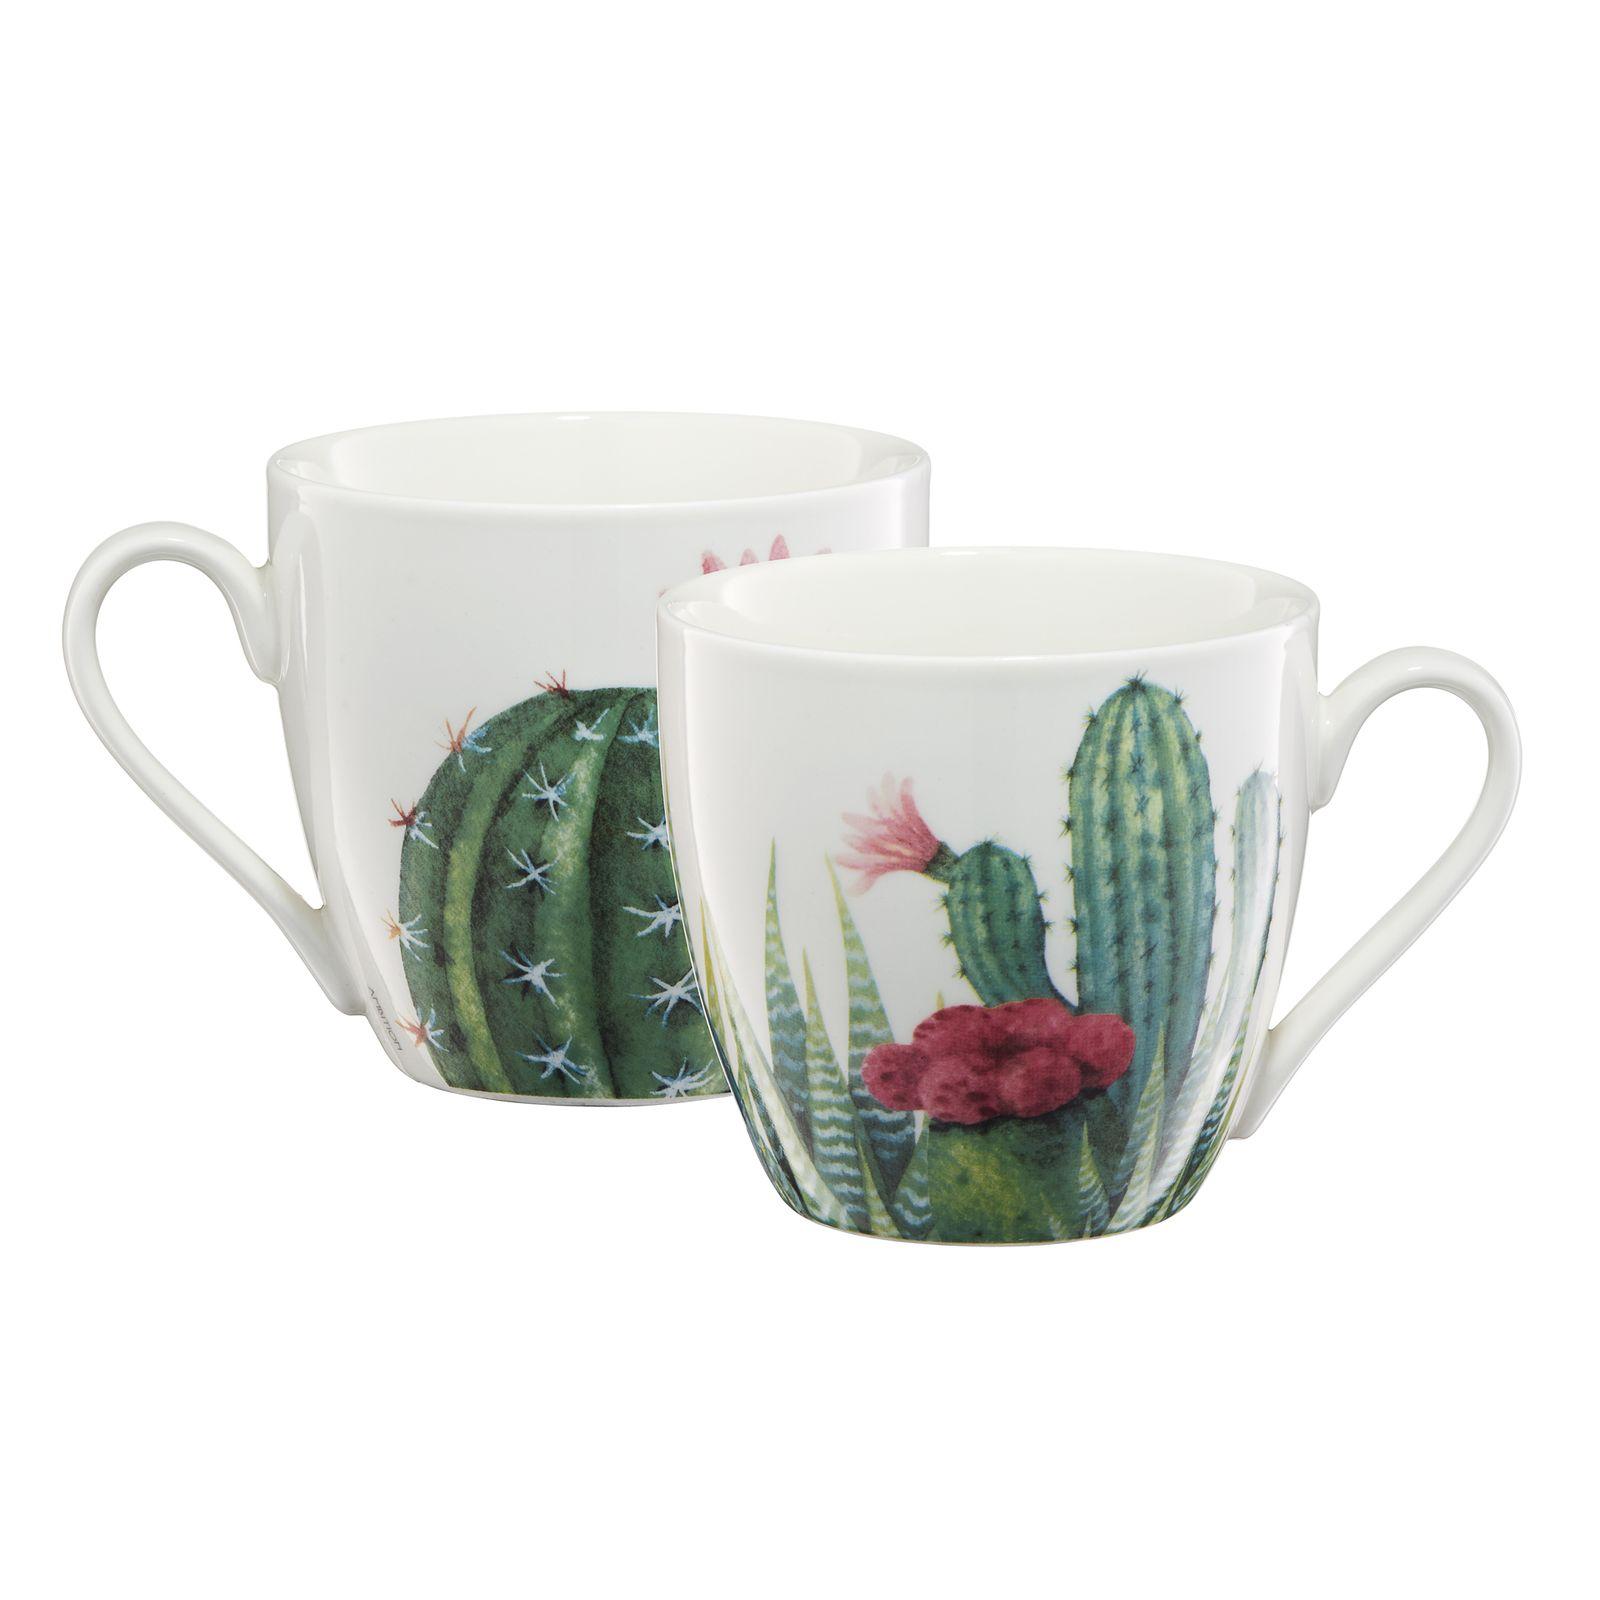 Kubek porcelanowy Cactus aloes 510 ml AMBITION